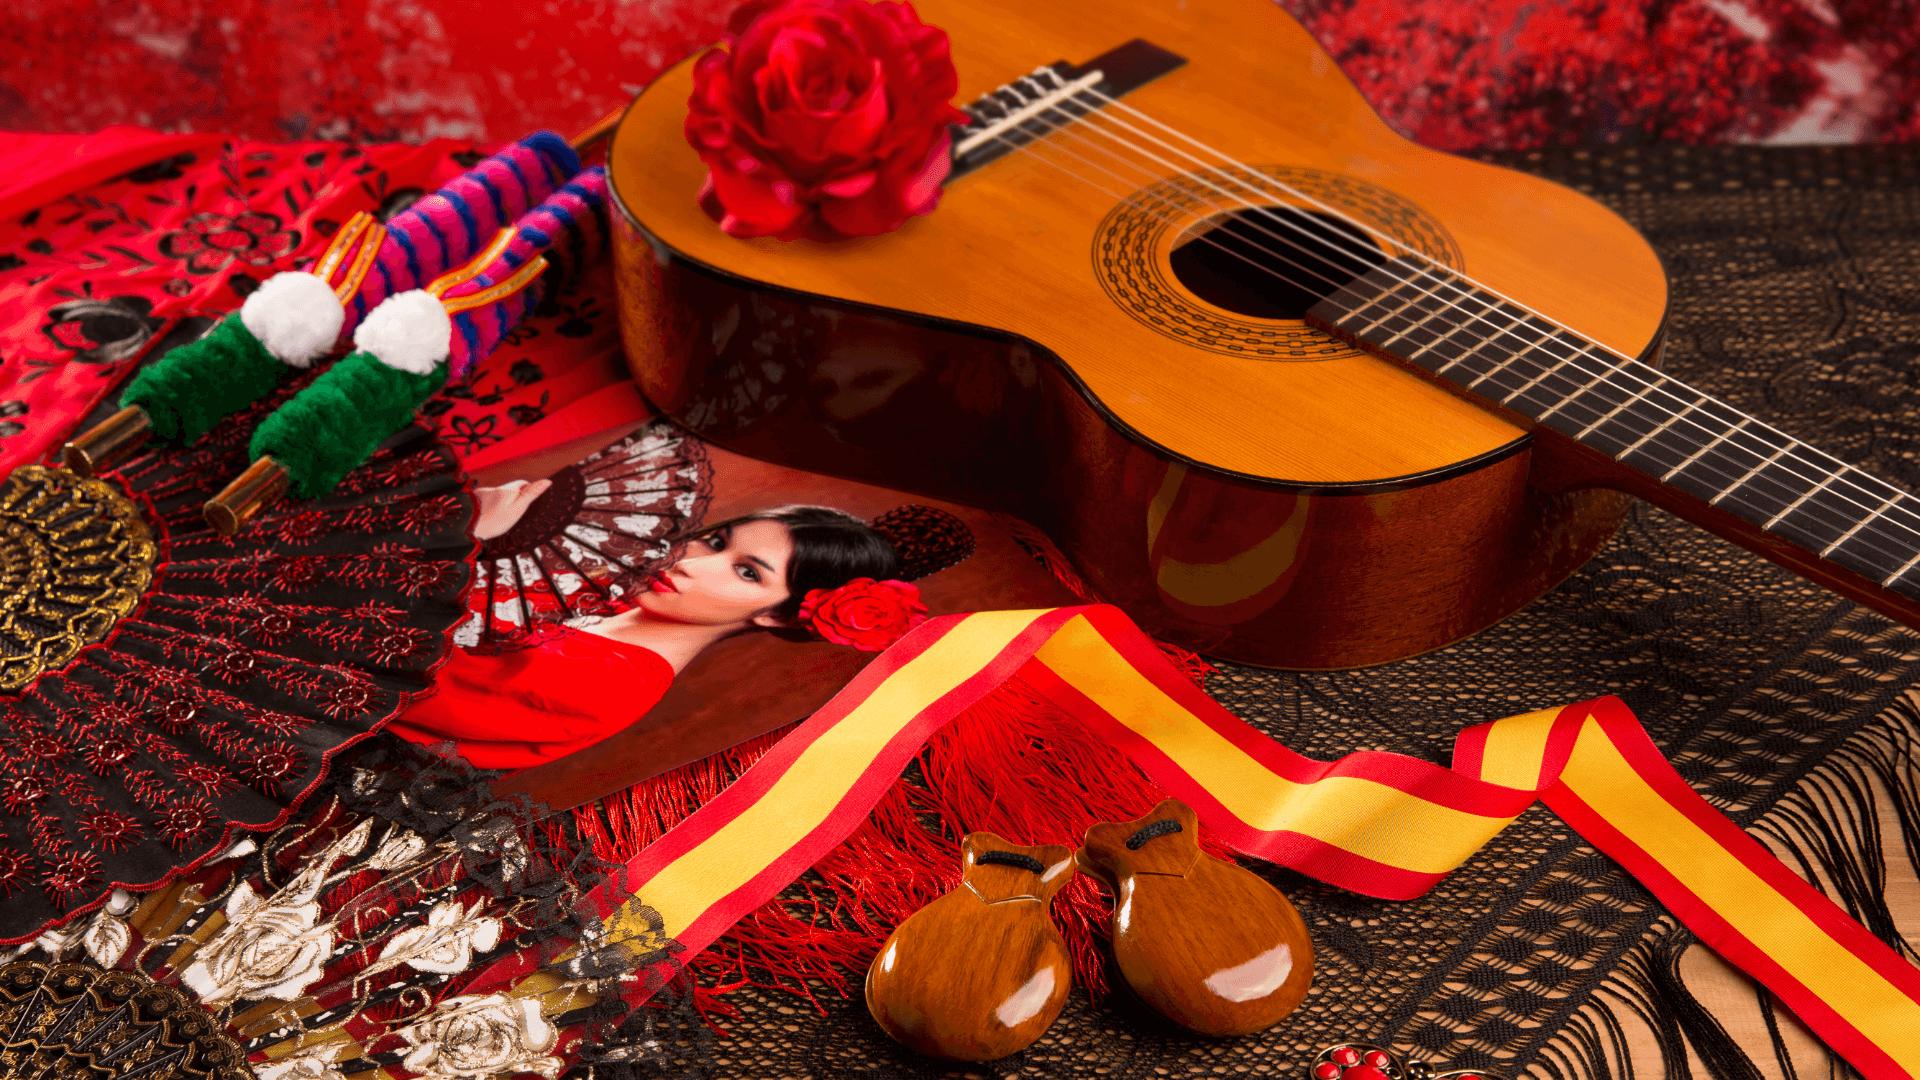 Flamenko Gitarı Sevilla'da Dinlenir